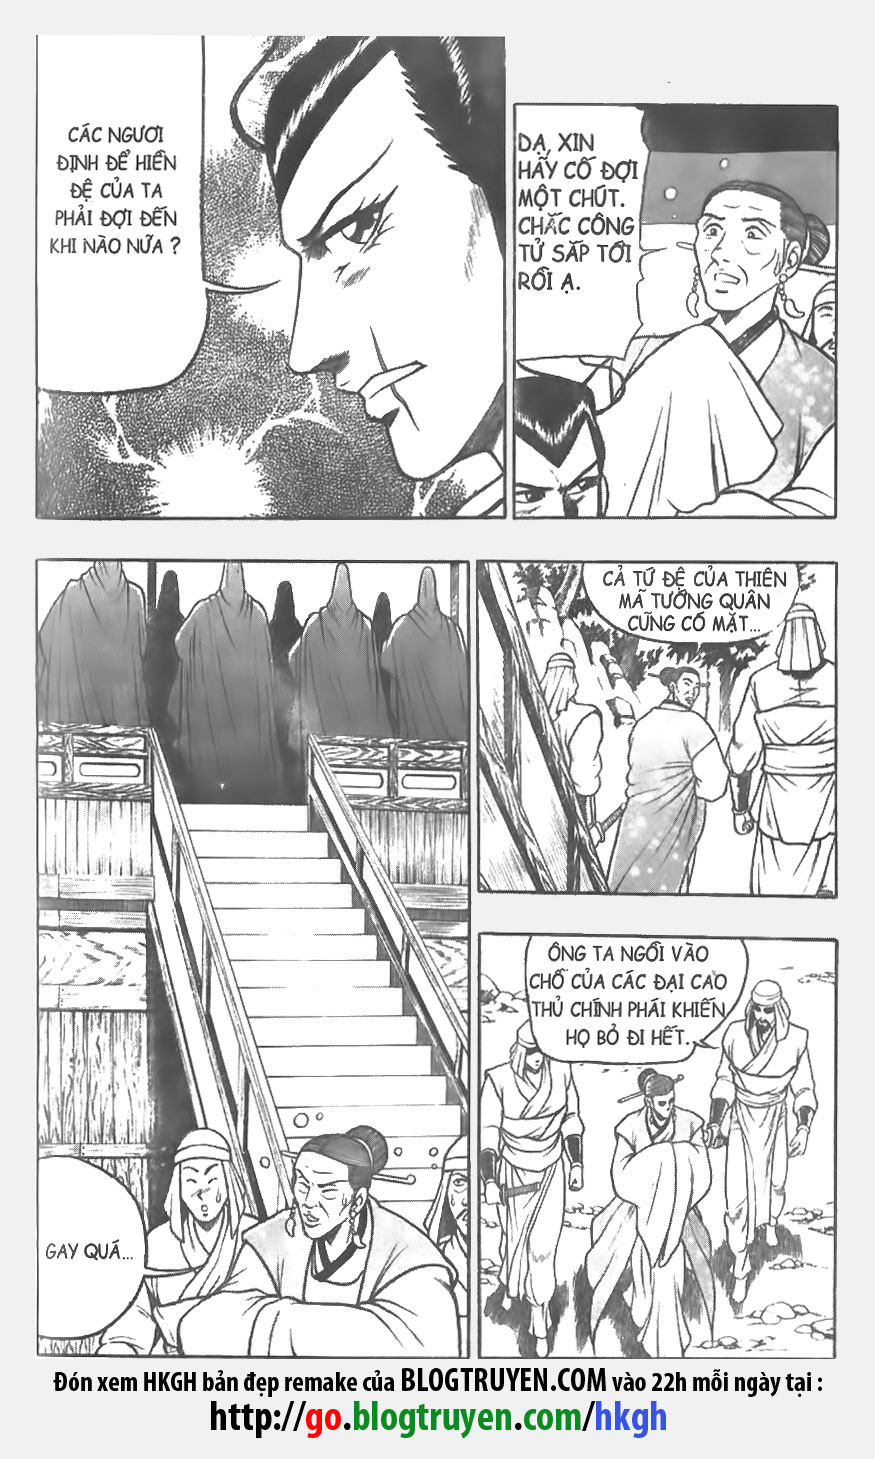 xem truyen moi - Hiệp Khách Giang Hồ Vol09 - Chap 055 - Remake